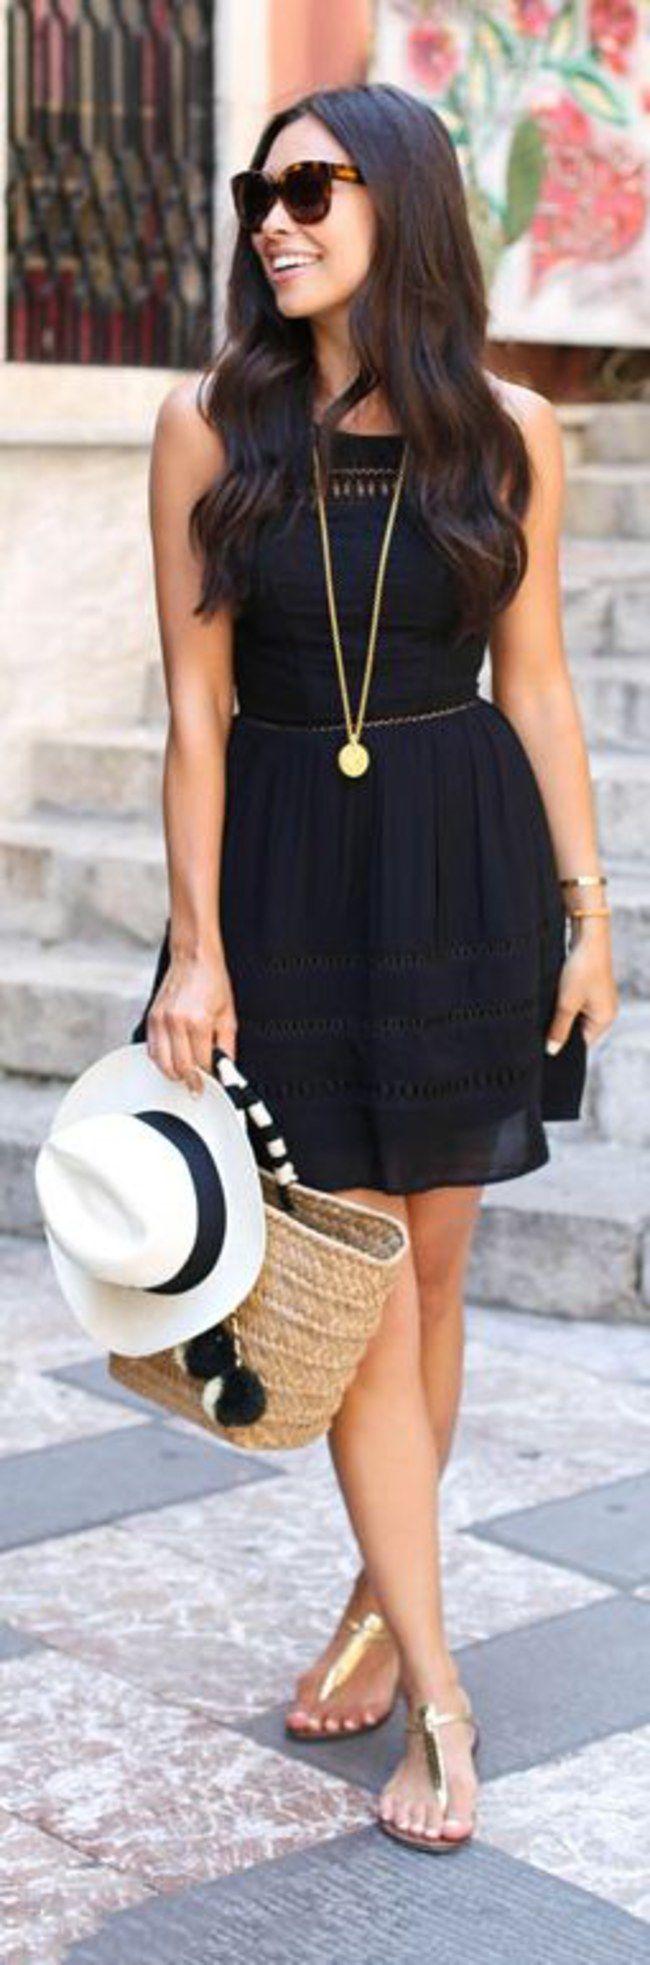 Schwarzes kleidchen kombinieren